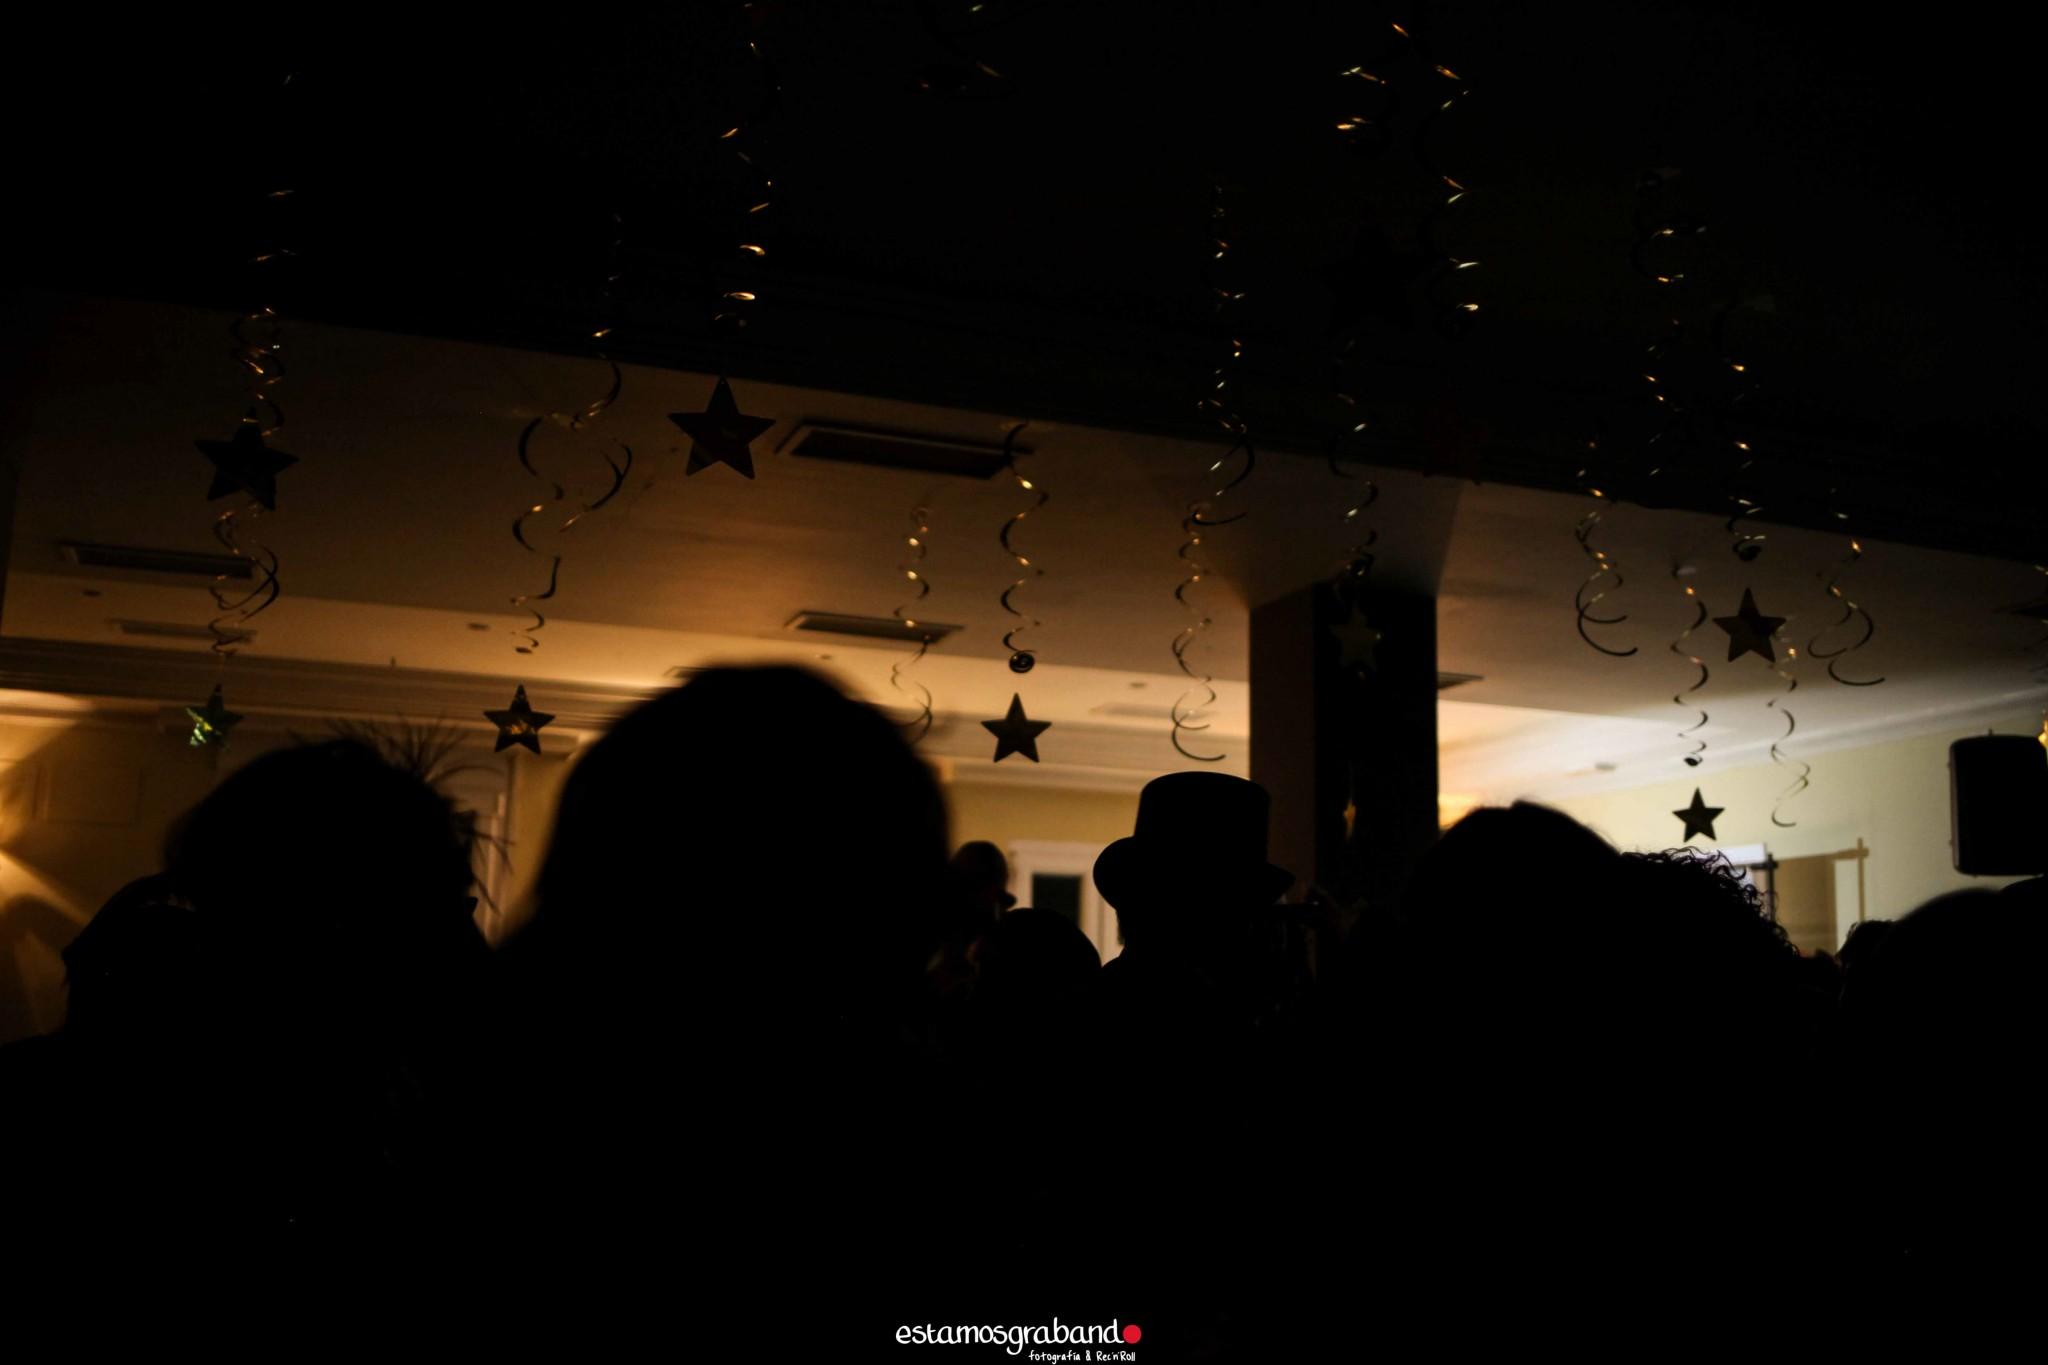 Fali-Bea-77-de-78 Fiesta Años 20 [La Teta de Julieta, Cádiz] - video boda cadiz